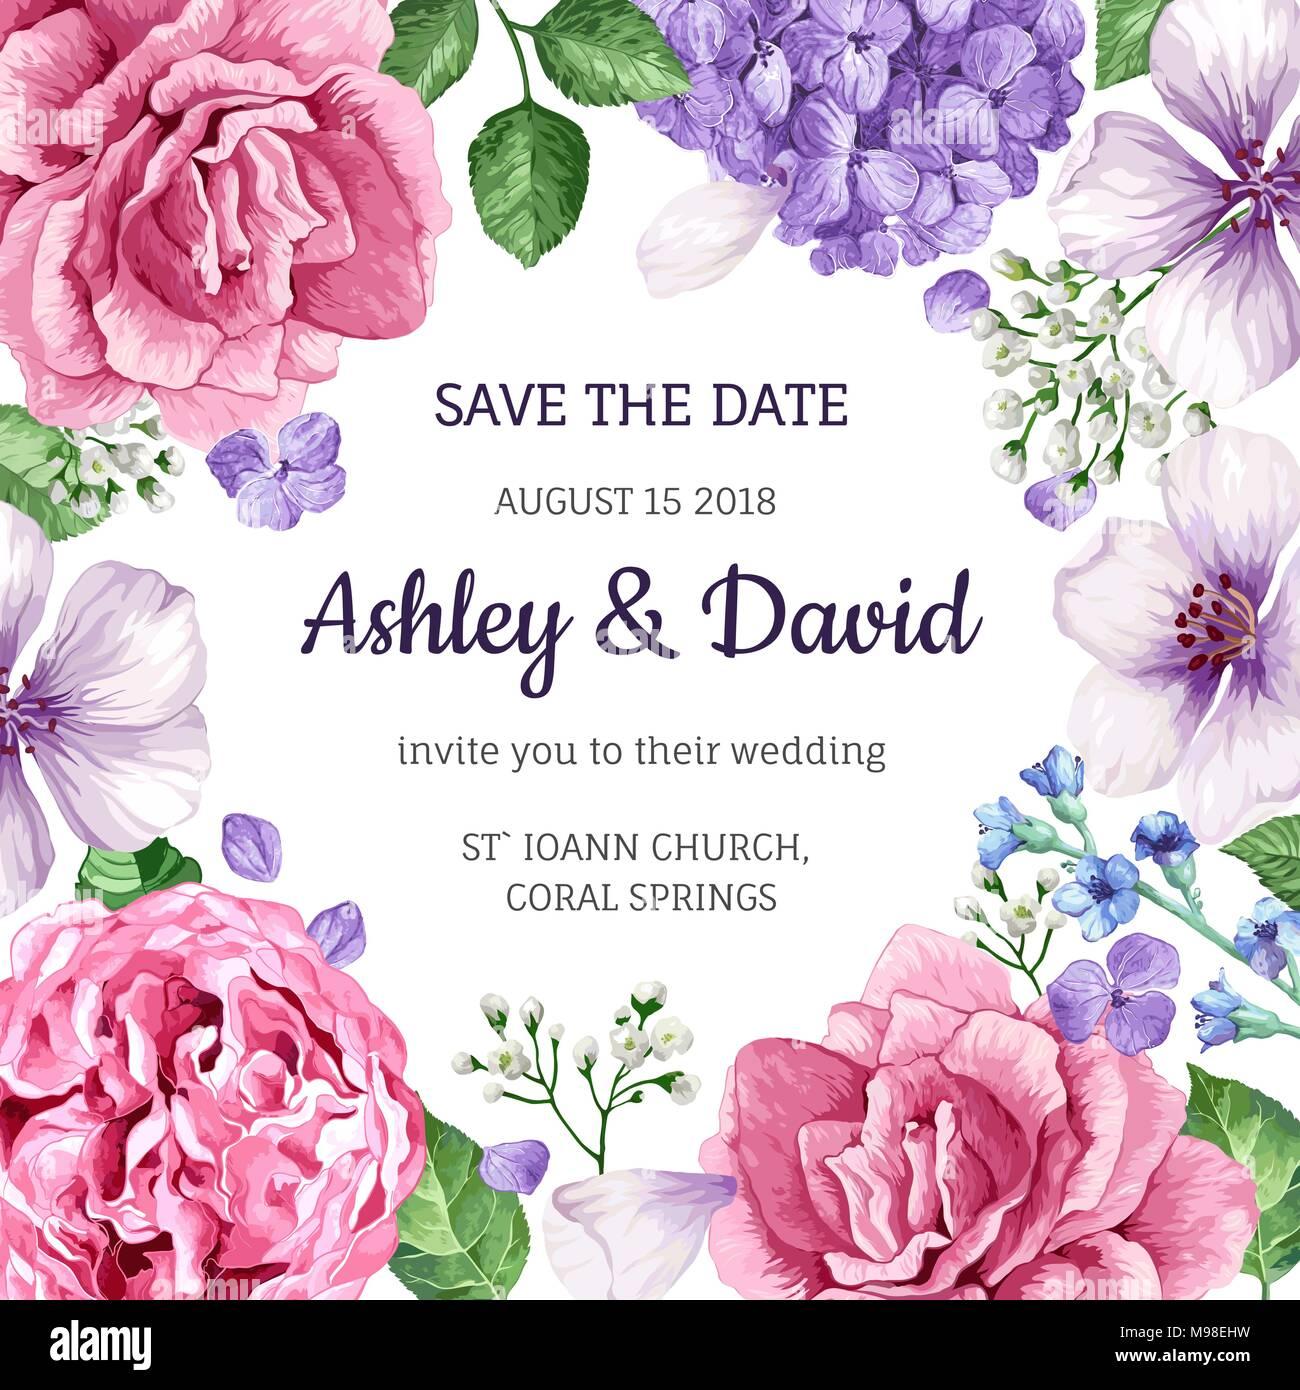 Hochzeit Einladung Karte Mit Blumen In Aquarell Stil Auf Weissem